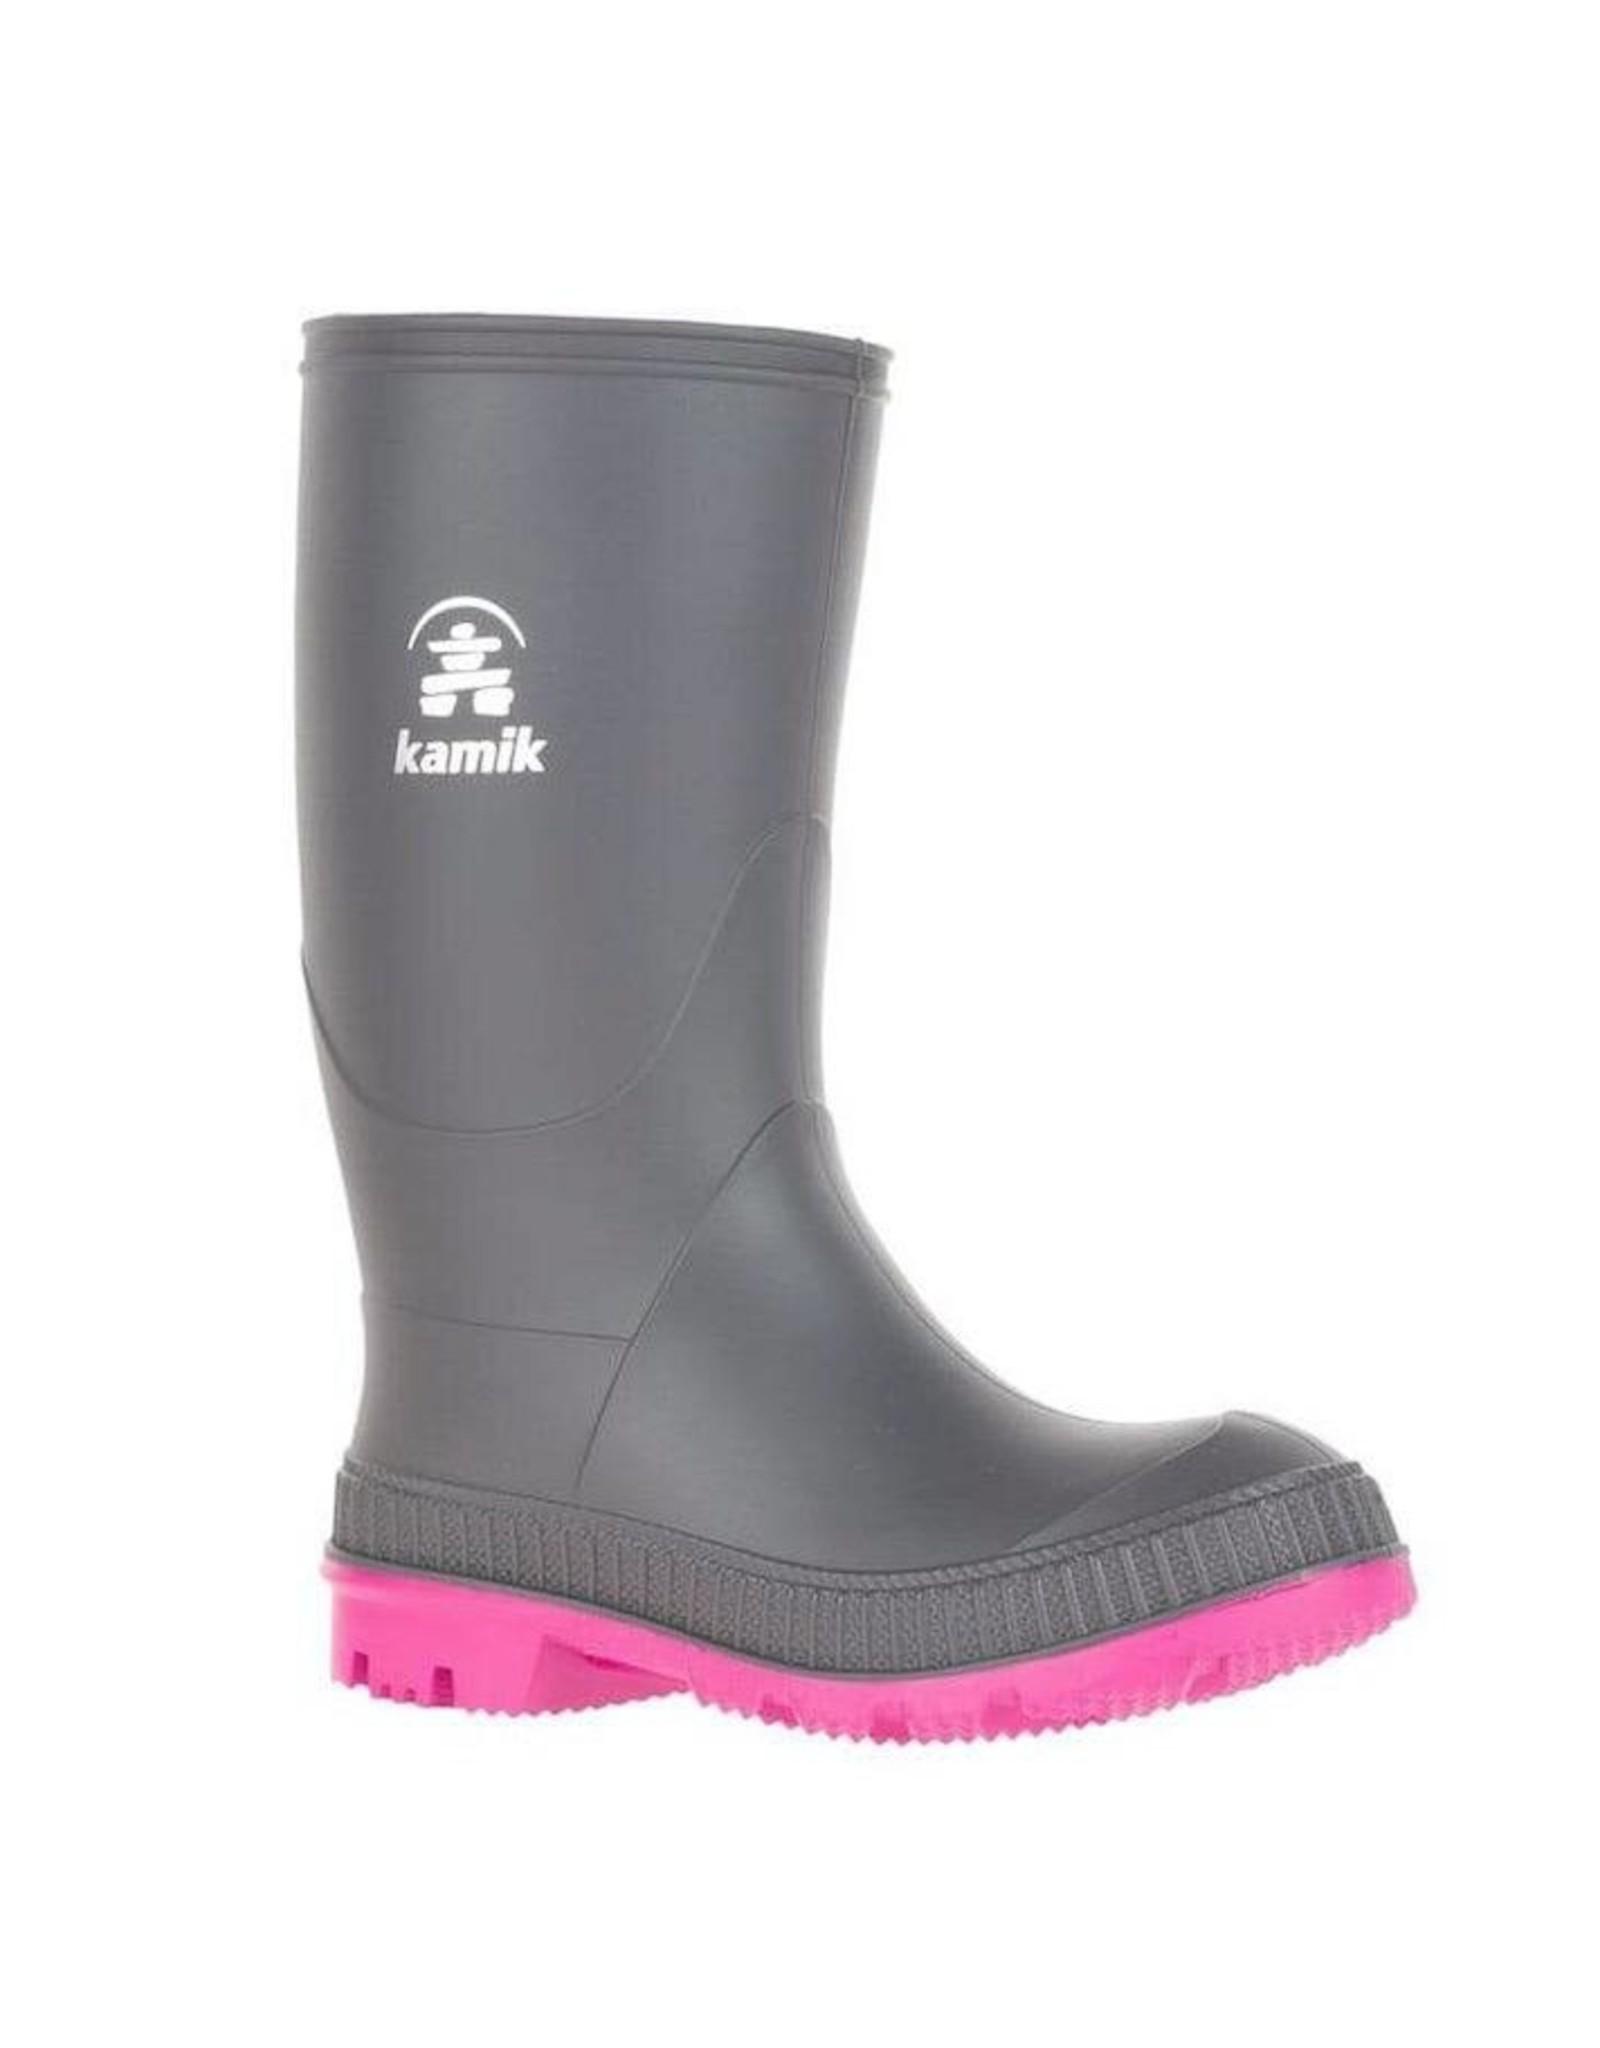 Kamik TOMP Kids Rainboots Charcoal & Magenta